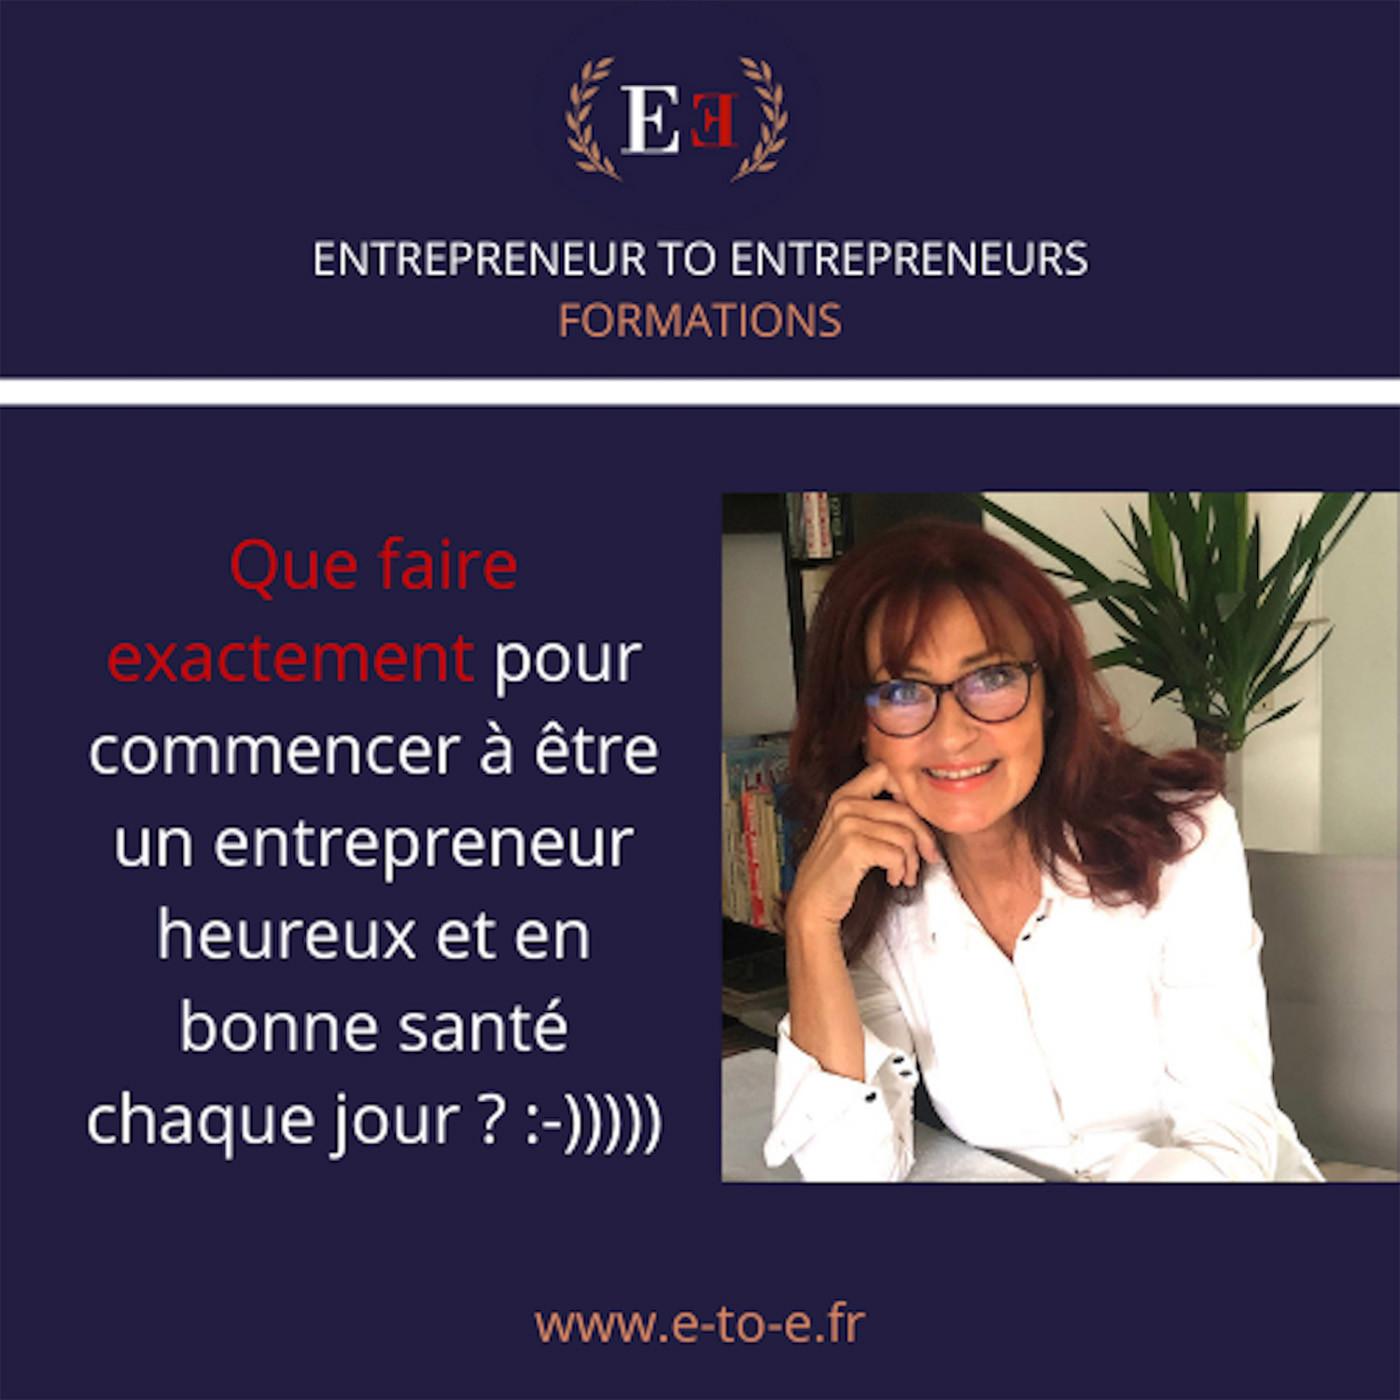 E-to-E  :  Des formations pour devenir  un entrepreneur HEUREUX :-)))